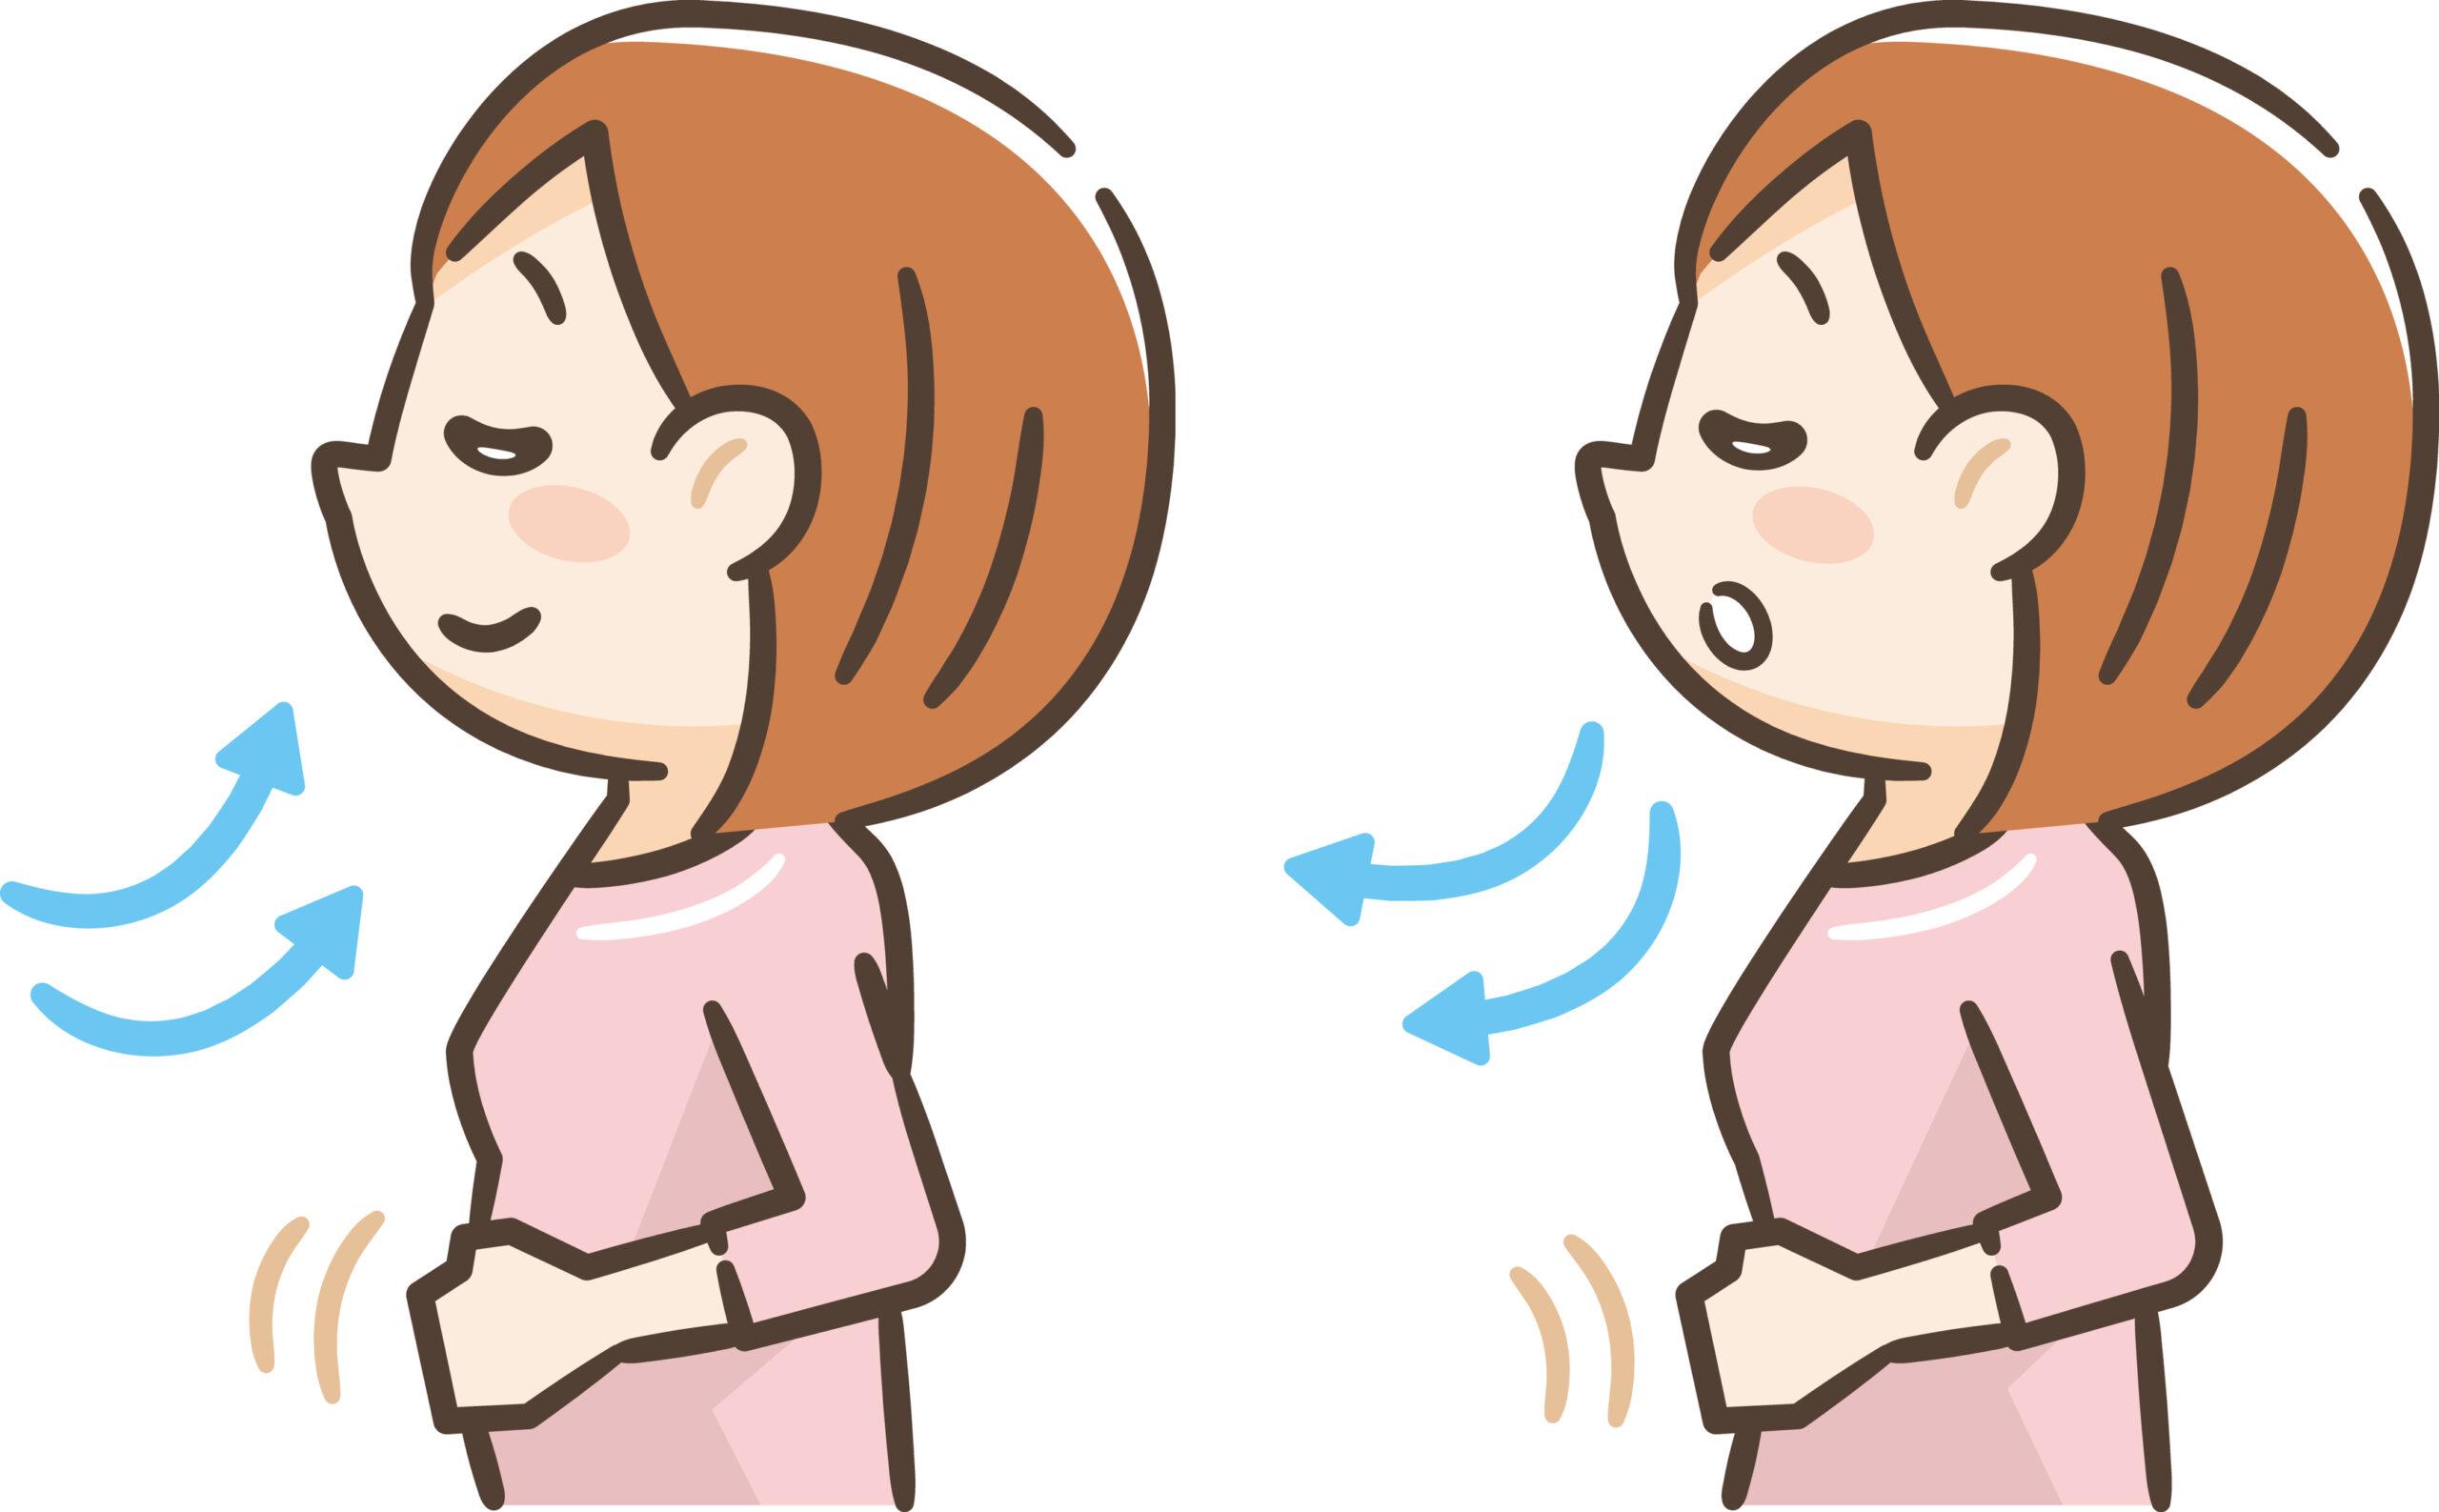 ホットヨガで免疫力UP?風邪予防におすすめのヨガポーズを紹介